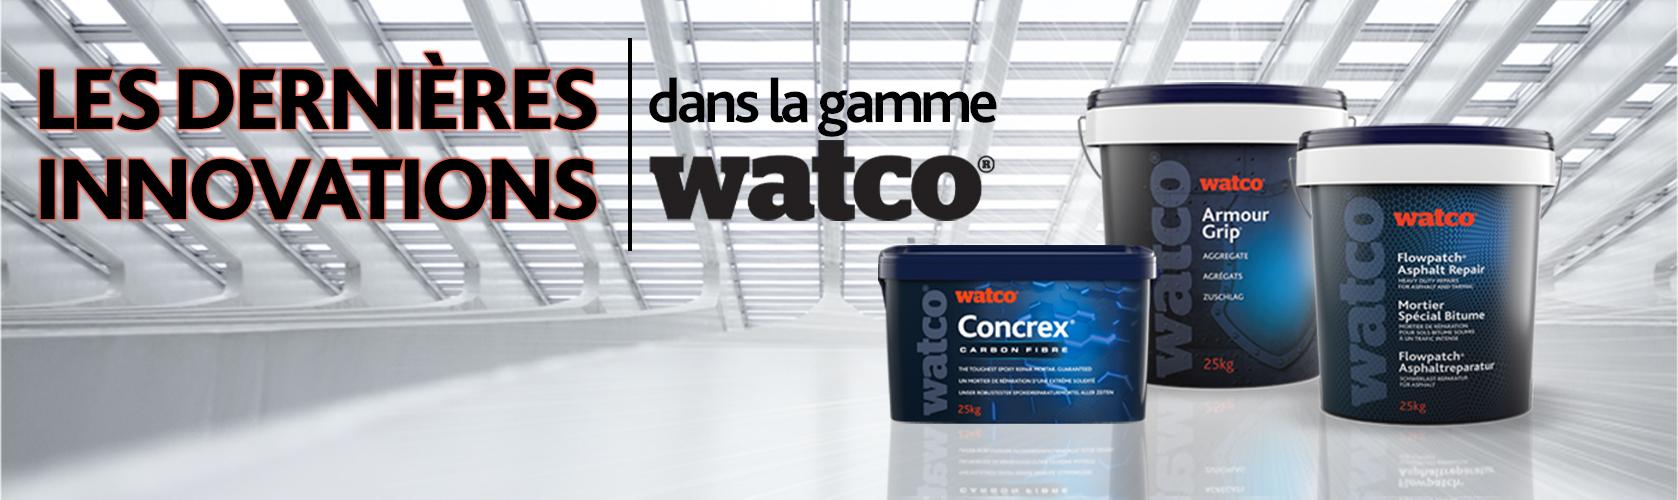 Les dernières innovations dans la gamme Watco